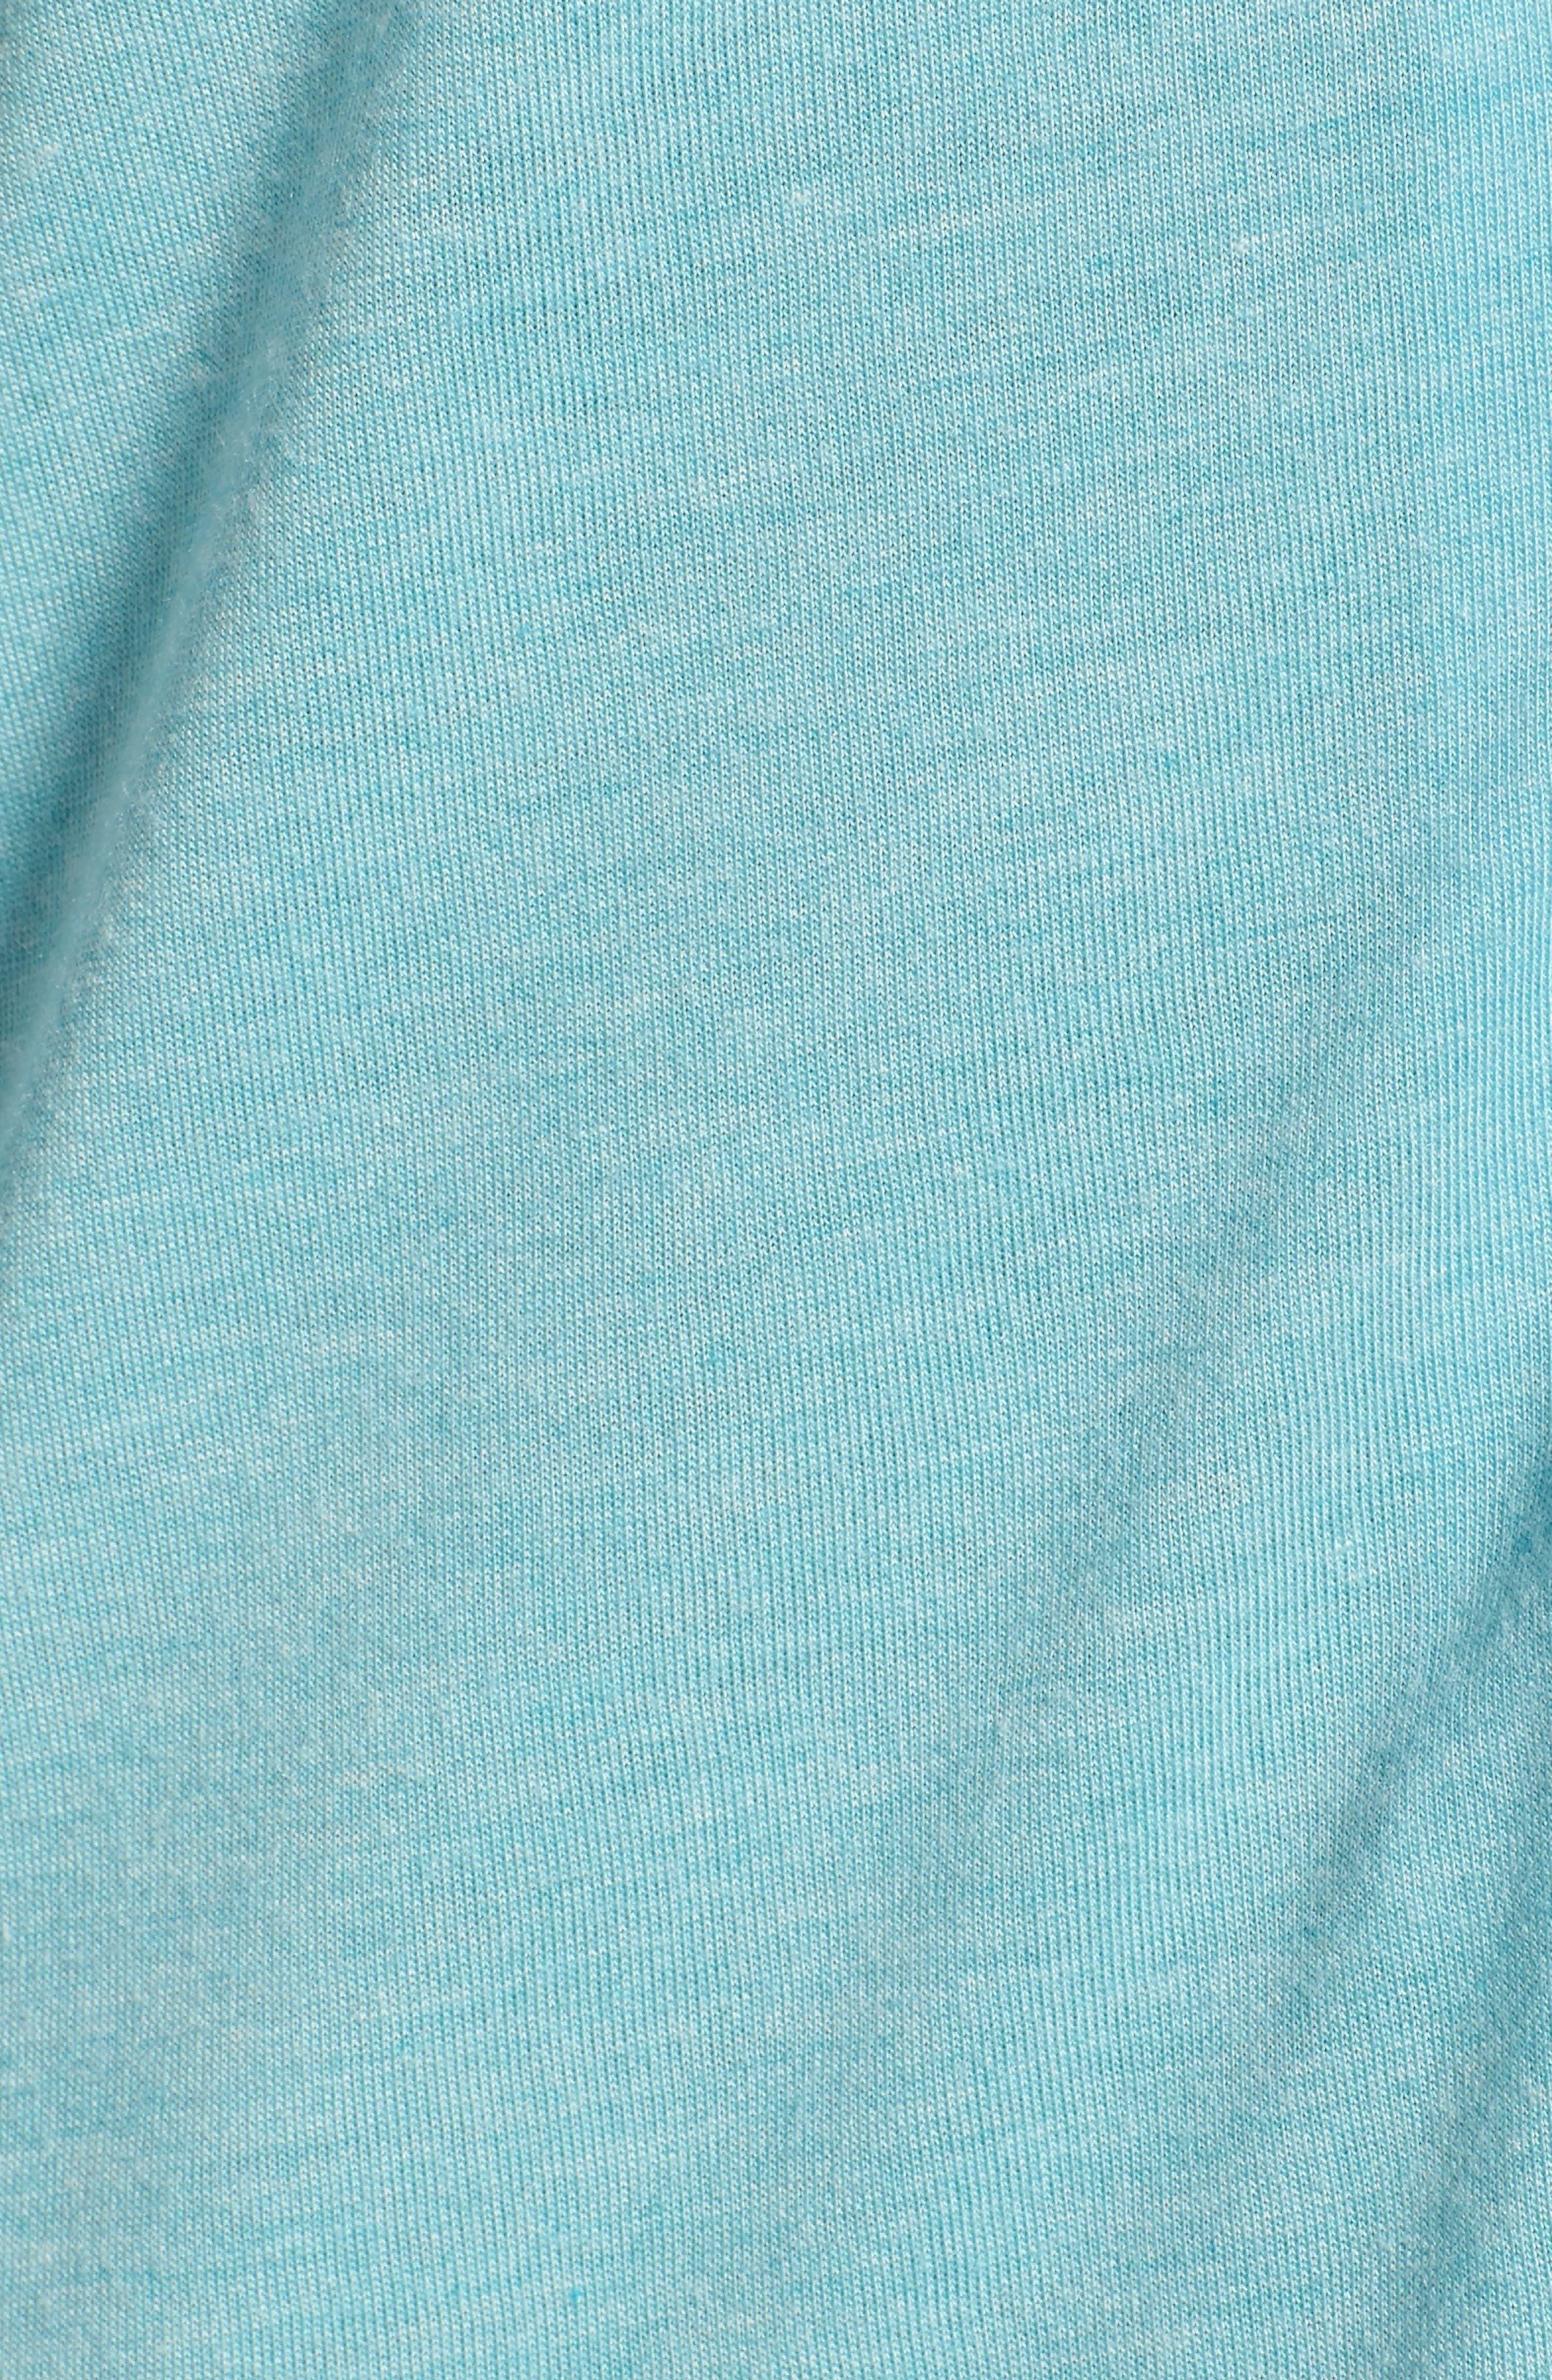 Shangri-La Sleep Shirt,                             Alternate thumbnail 5, color,                             400